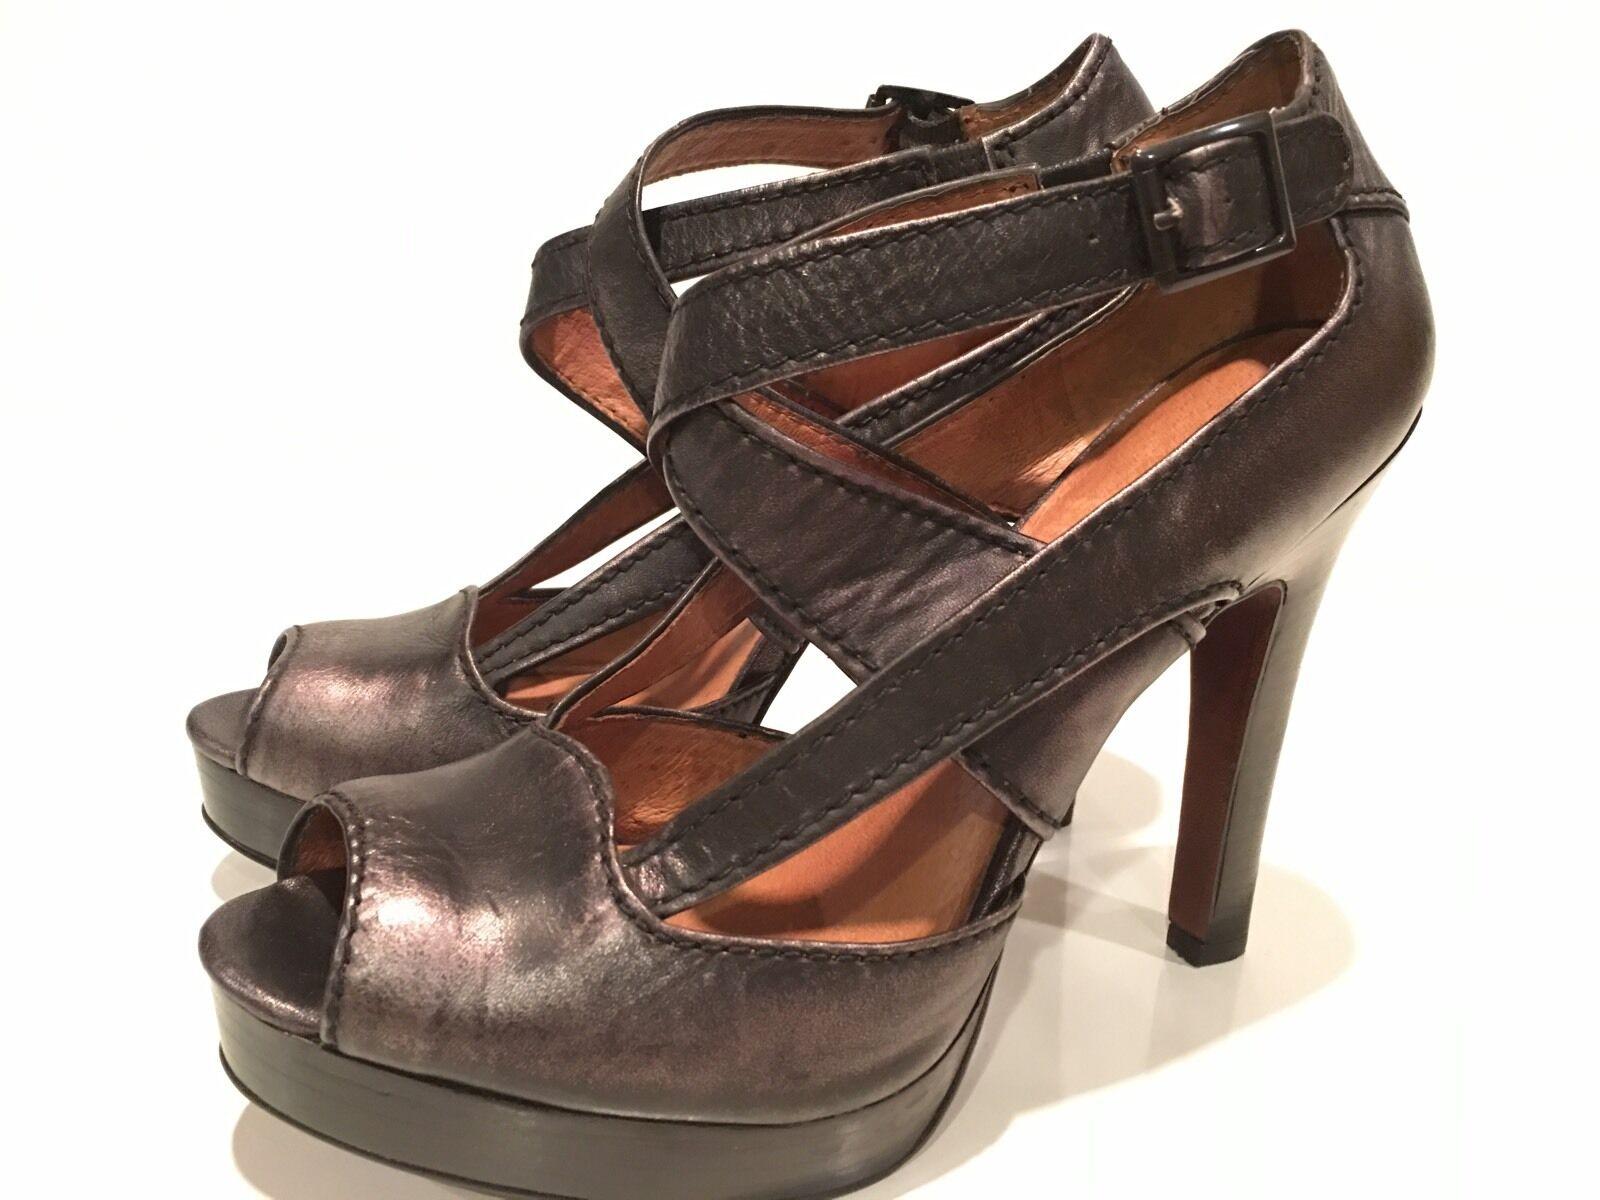 No. 704 b. Jocelyn Women's Strappy Heels 39 Leather Platform Shoes Size 39 Heels e1e71b